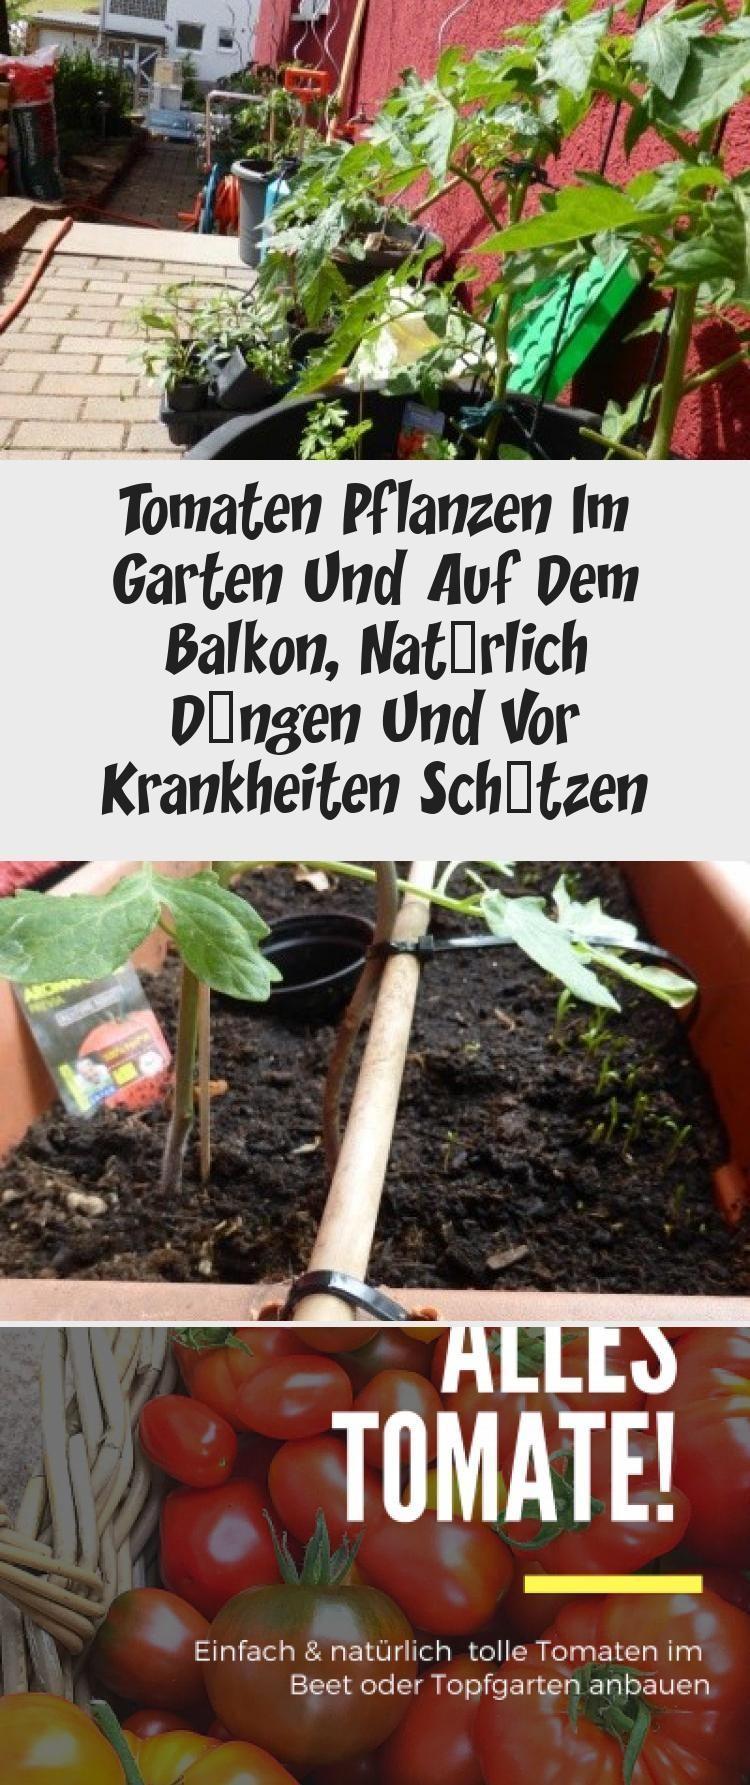 Tomaten Pflanzen Im Garten Und Auf Dem Balkon Naturlich Dungen Und Vor Krankheiten Schutzen Tomatenpflanzen Tomaten Pflanzen Aber Richtig Standort Naturlic Tomaten Pflanzen Pflanzen Tomaten